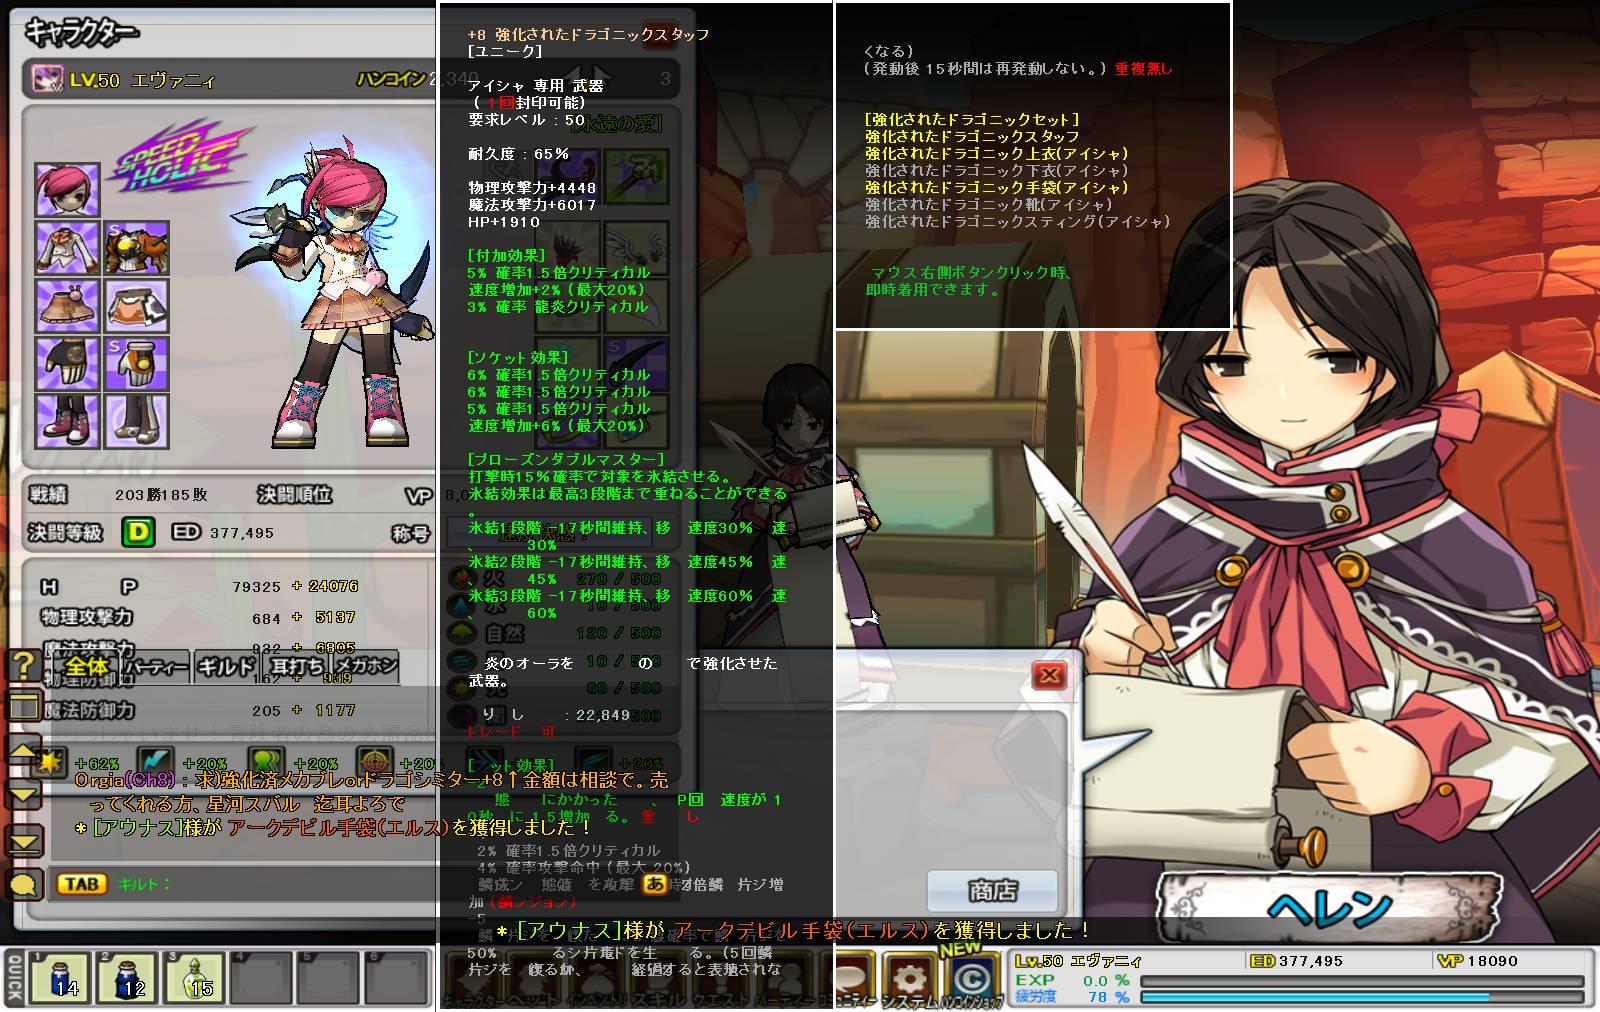 SC_2011_5_8_19_8_26_.jpg